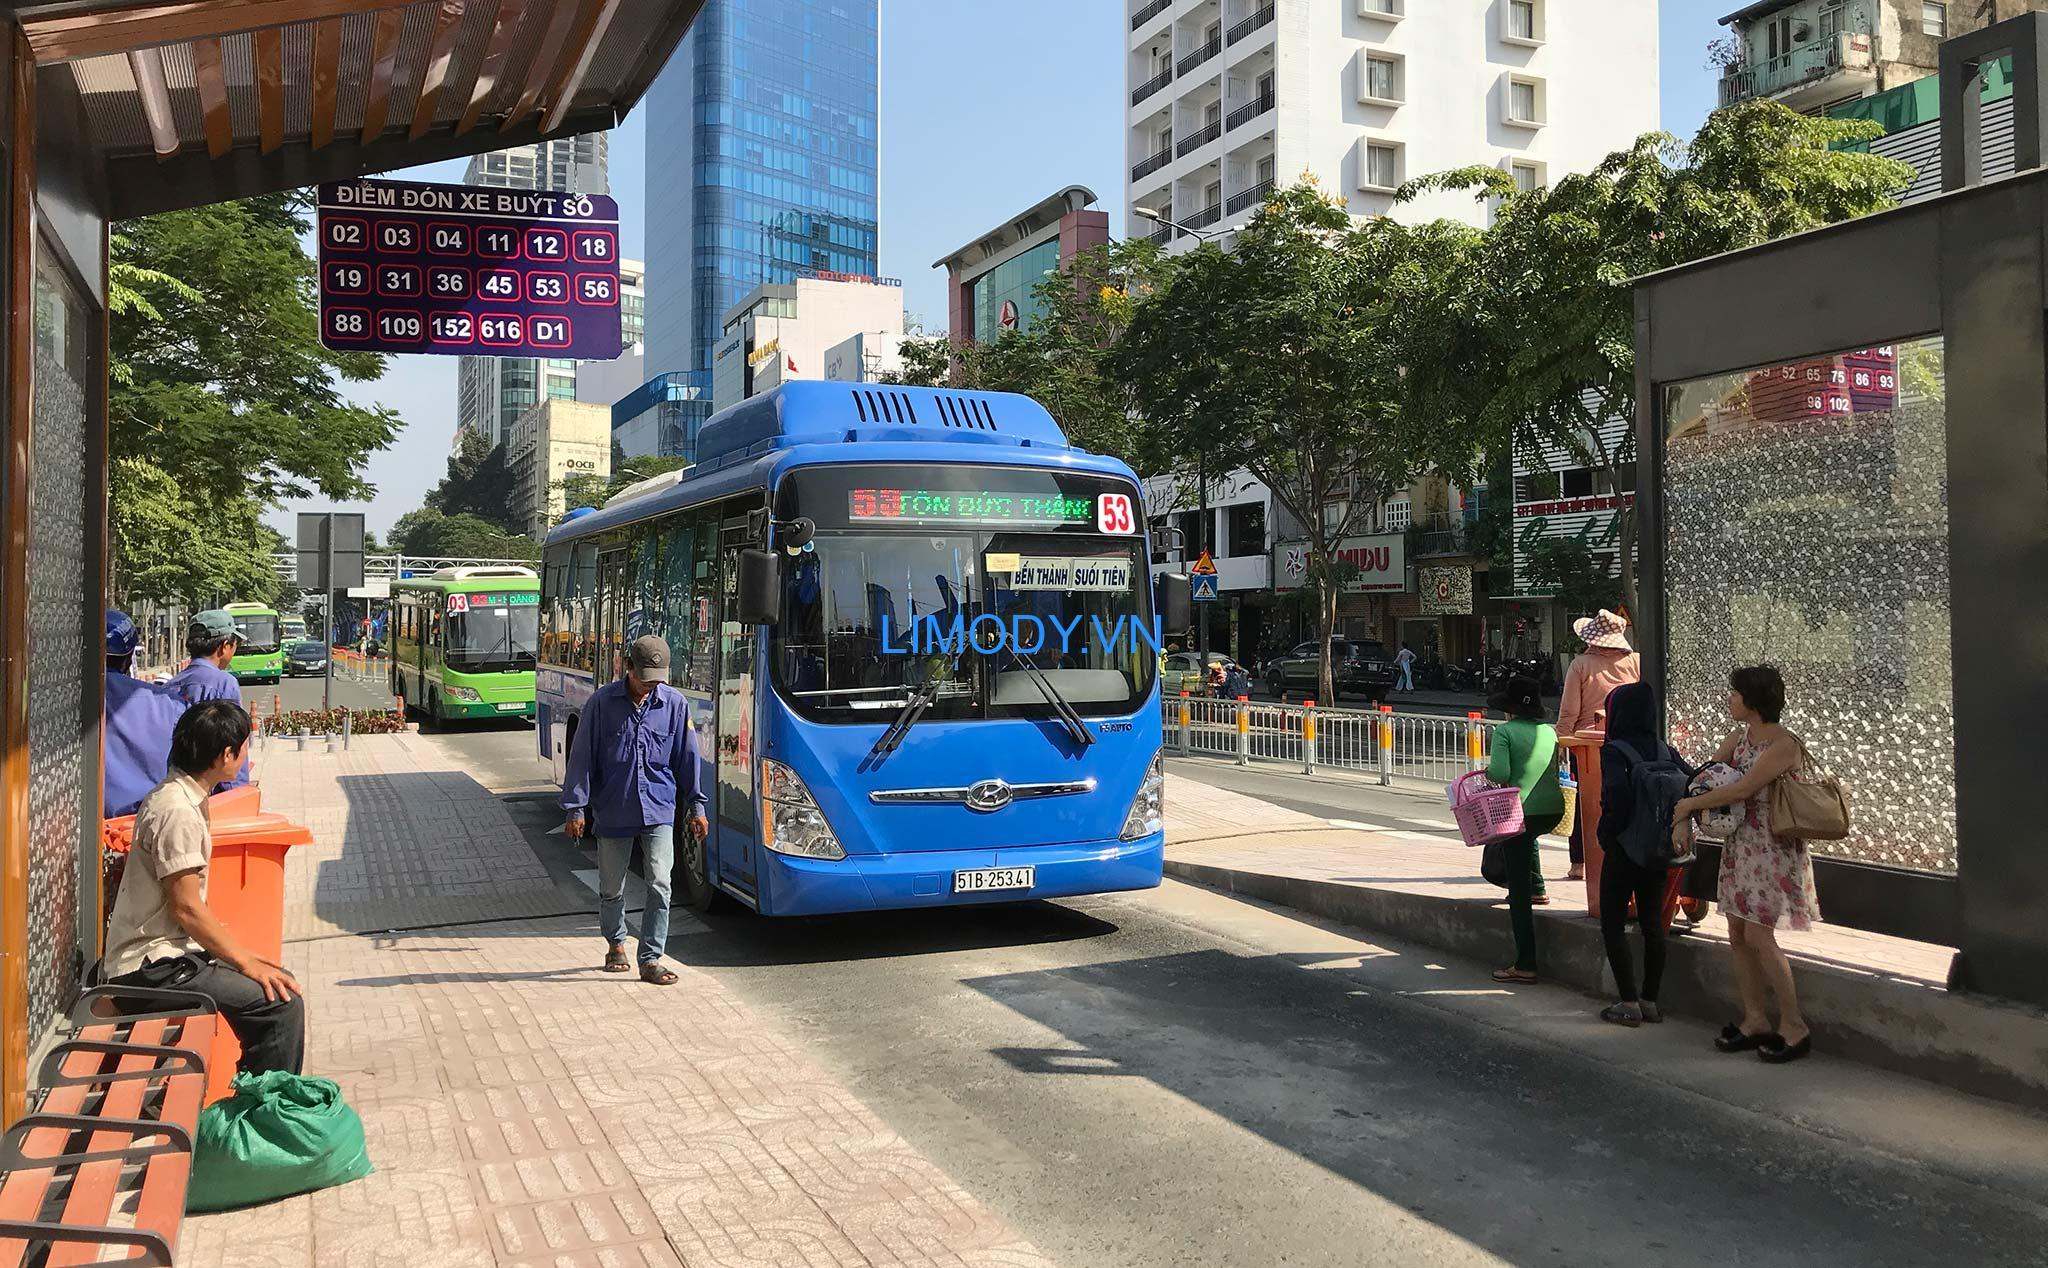 Danh sách lộ trình các tuyến xe buýt TPHCM – xe bus TPHCM chi tiết